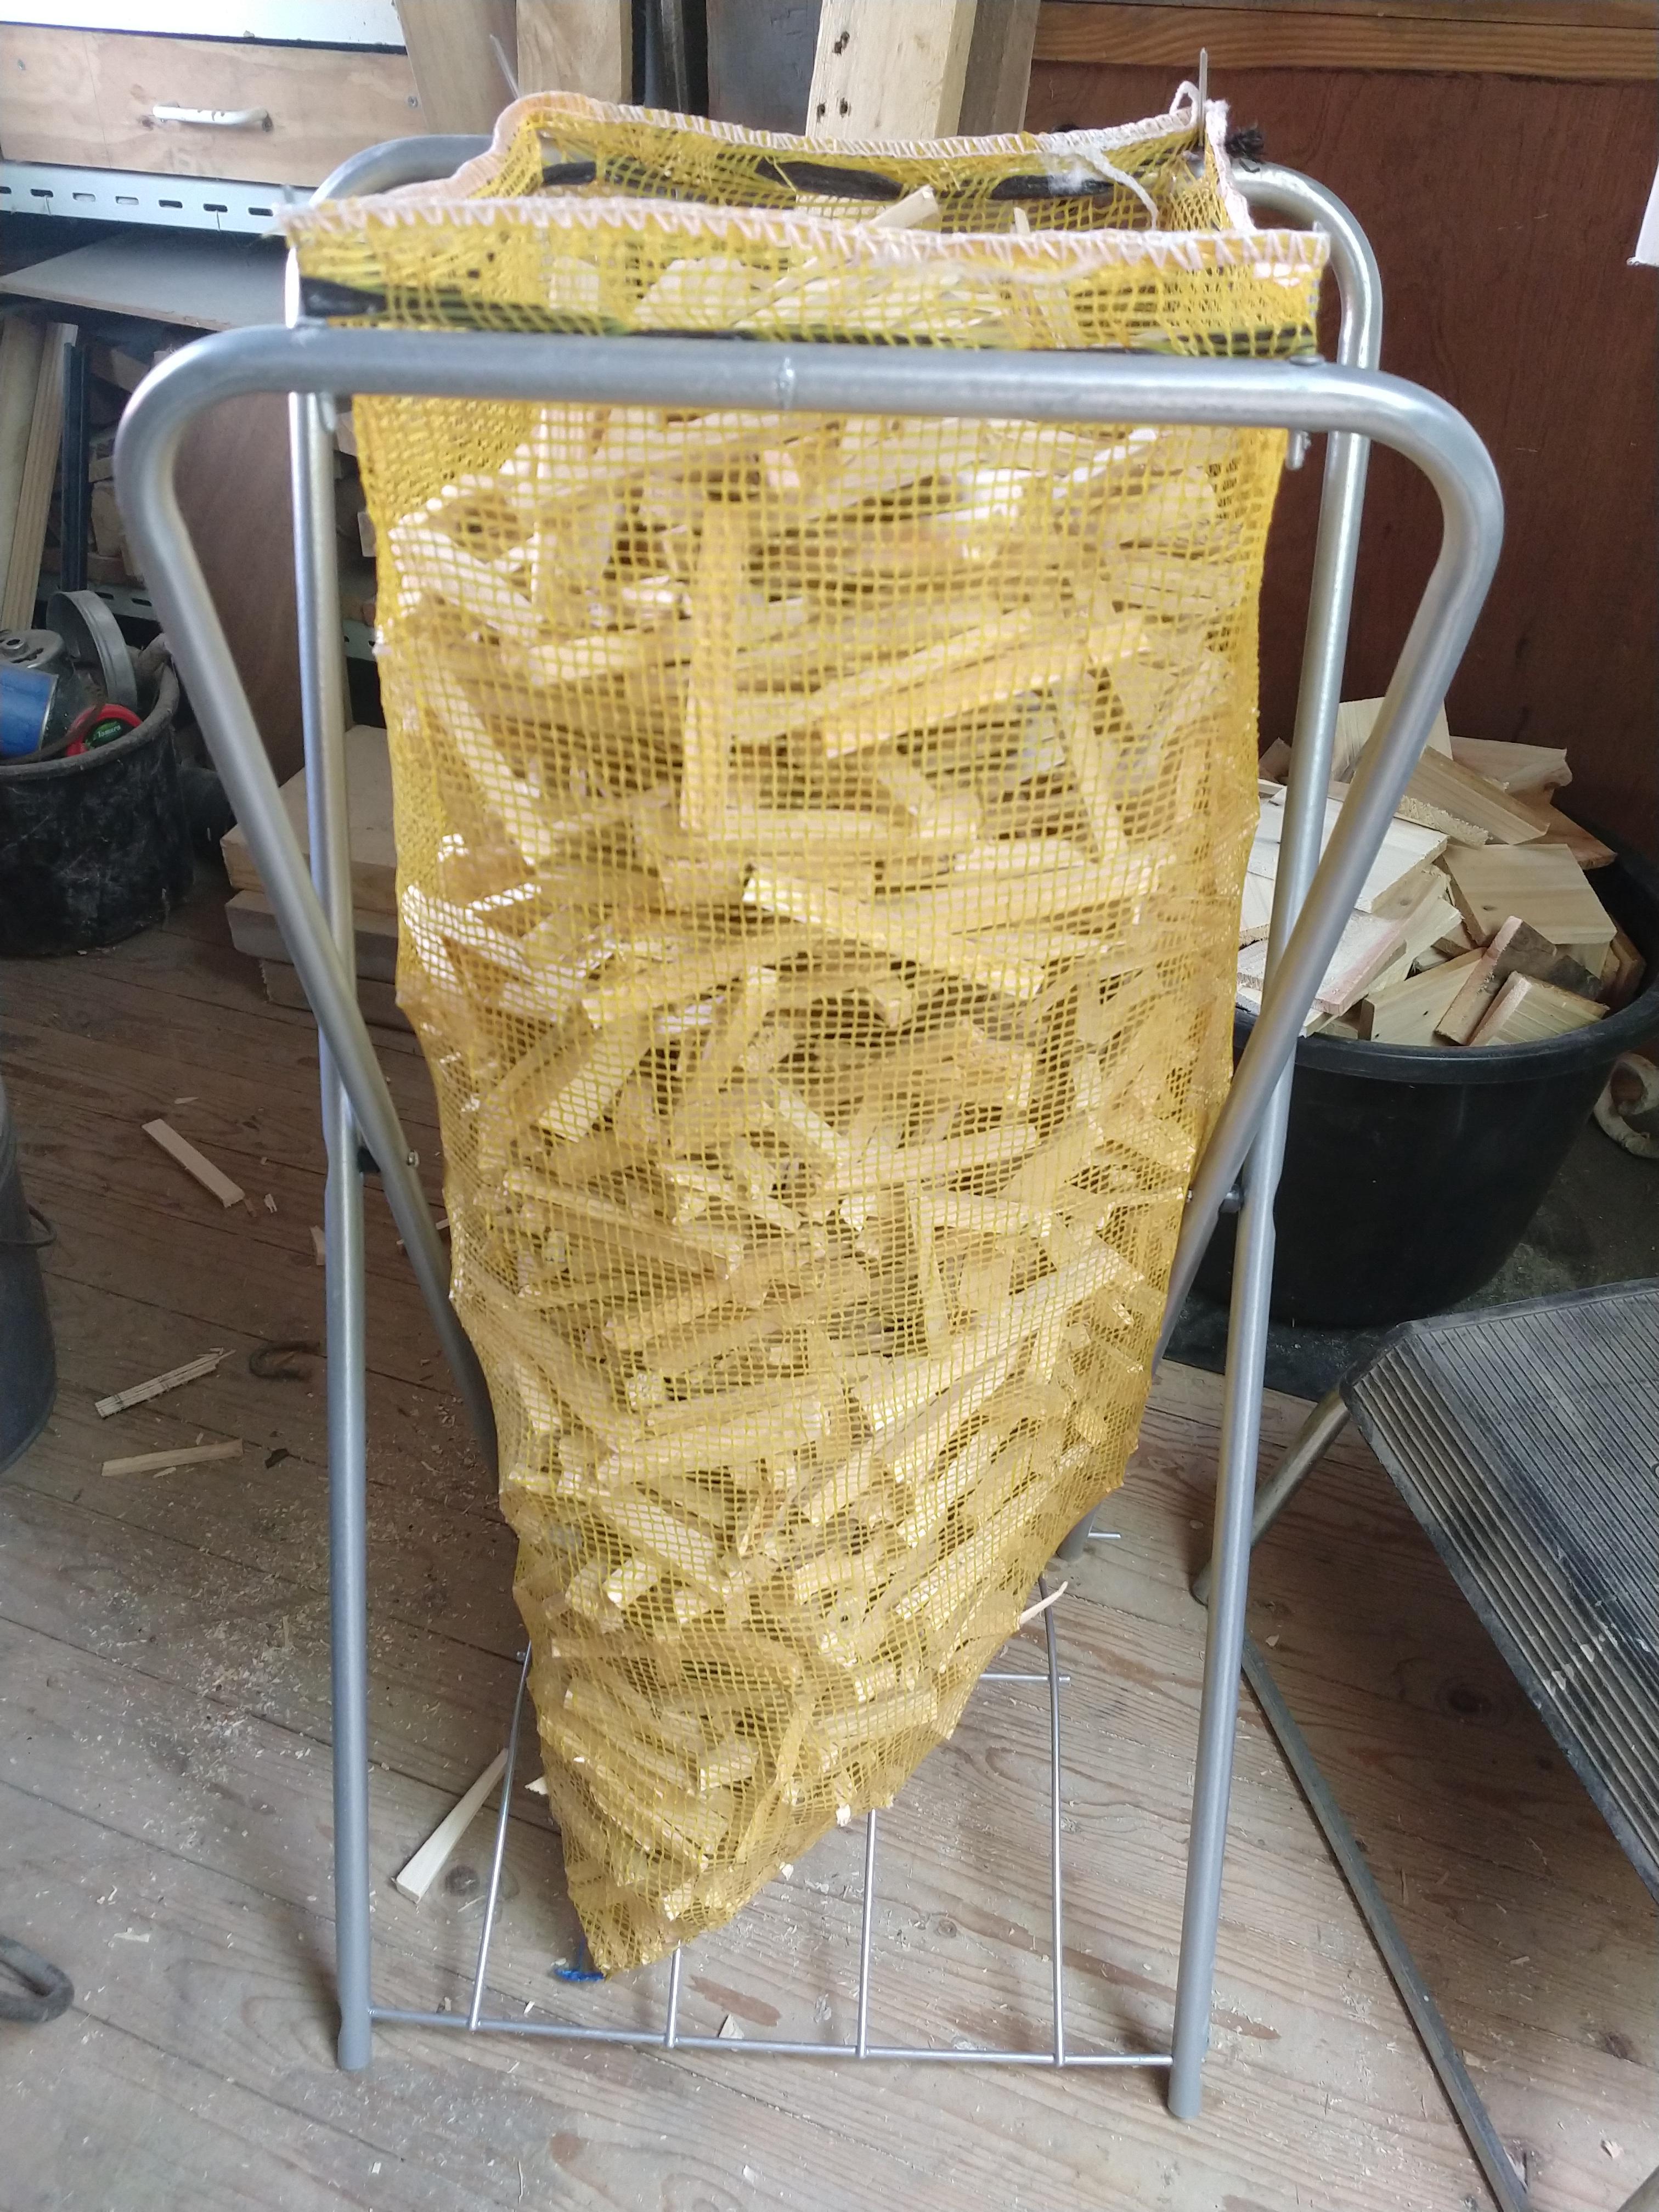 Netzakken geweven 50 x 85 cm (per 100 stuks) gebruik: Netzakken geweven 50 x 85 cm (per 100 stuks)